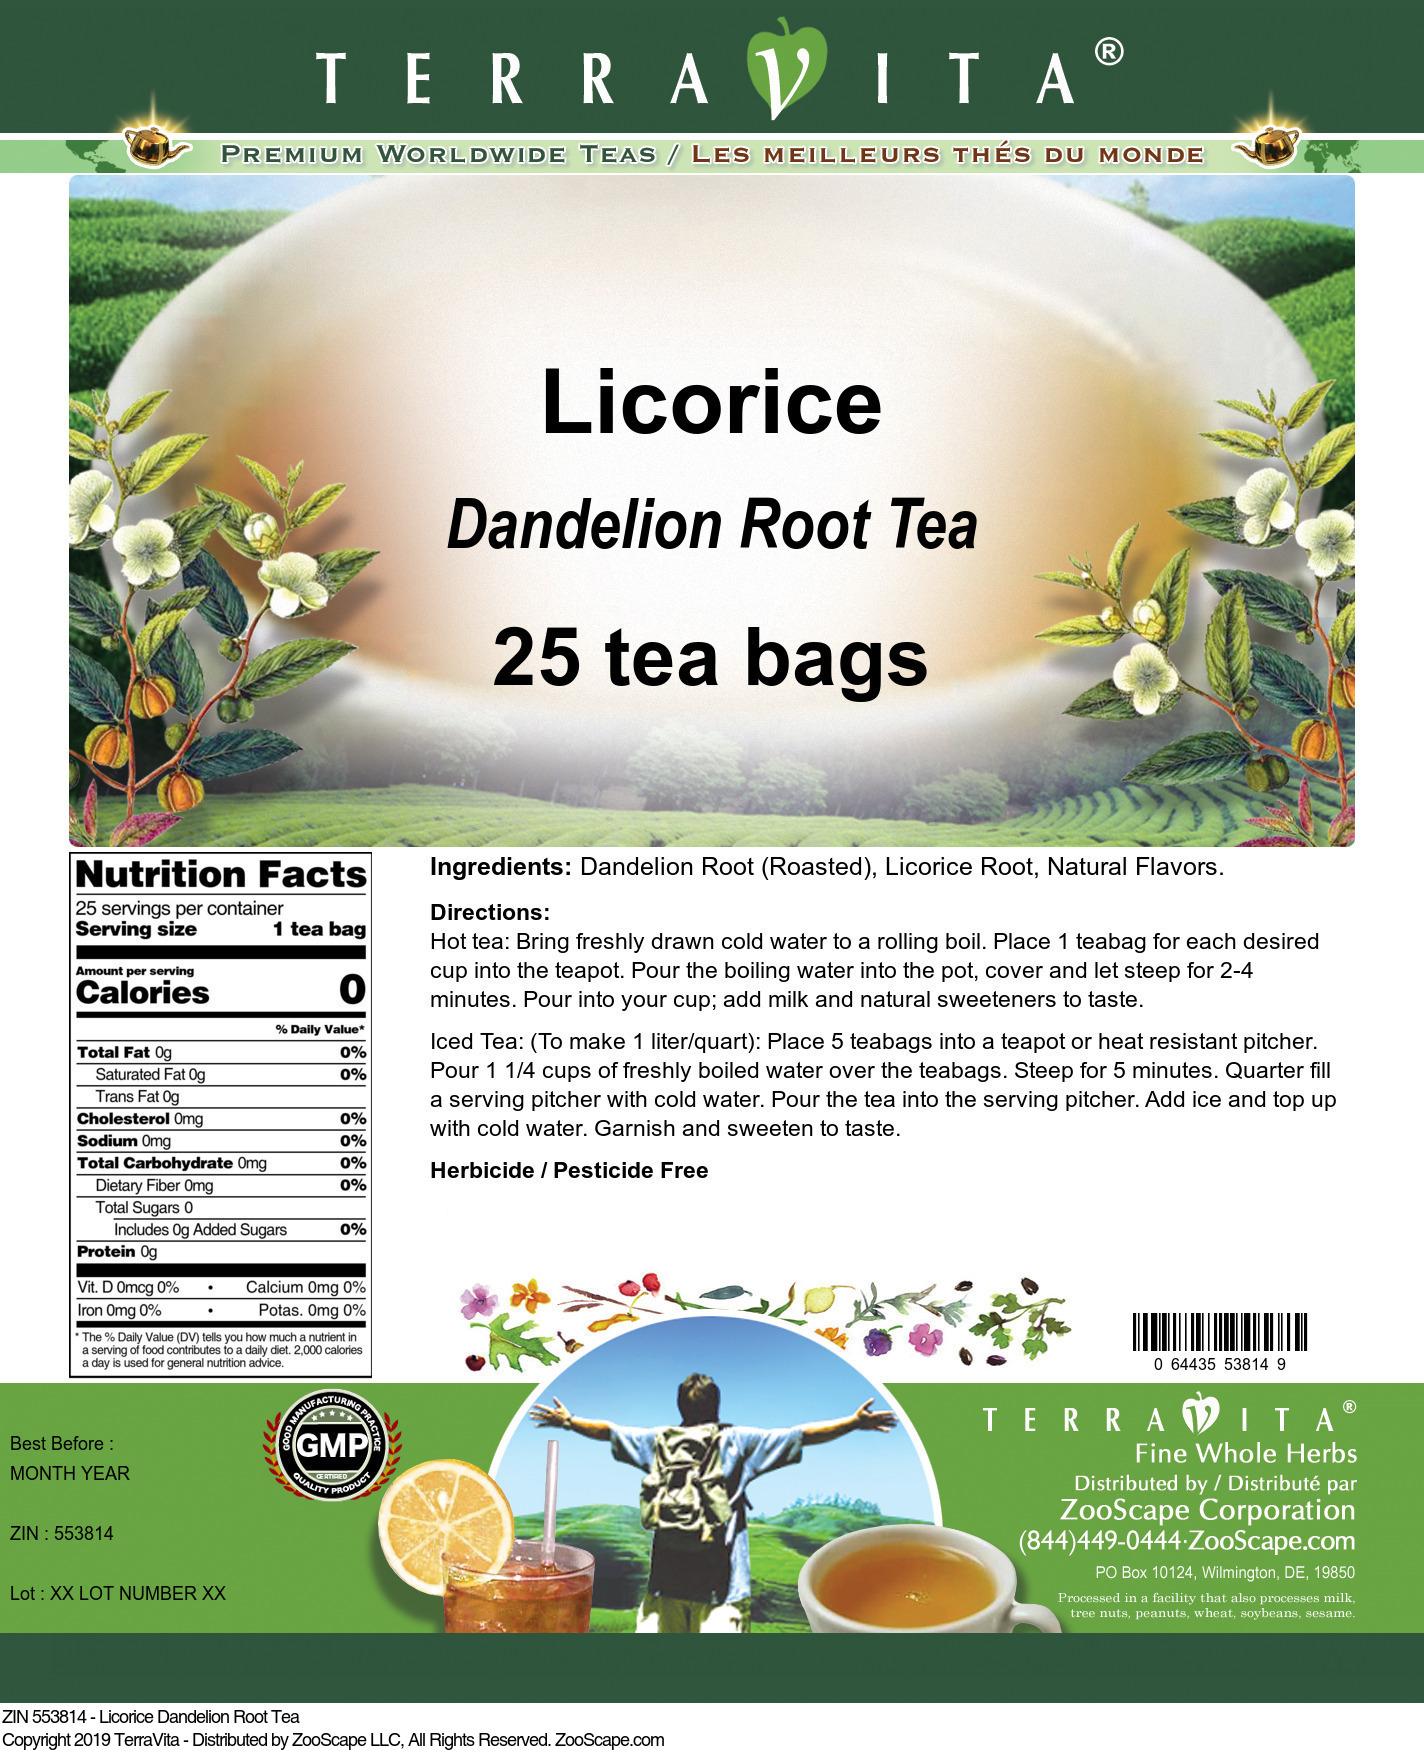 Licorice Dandelion Root